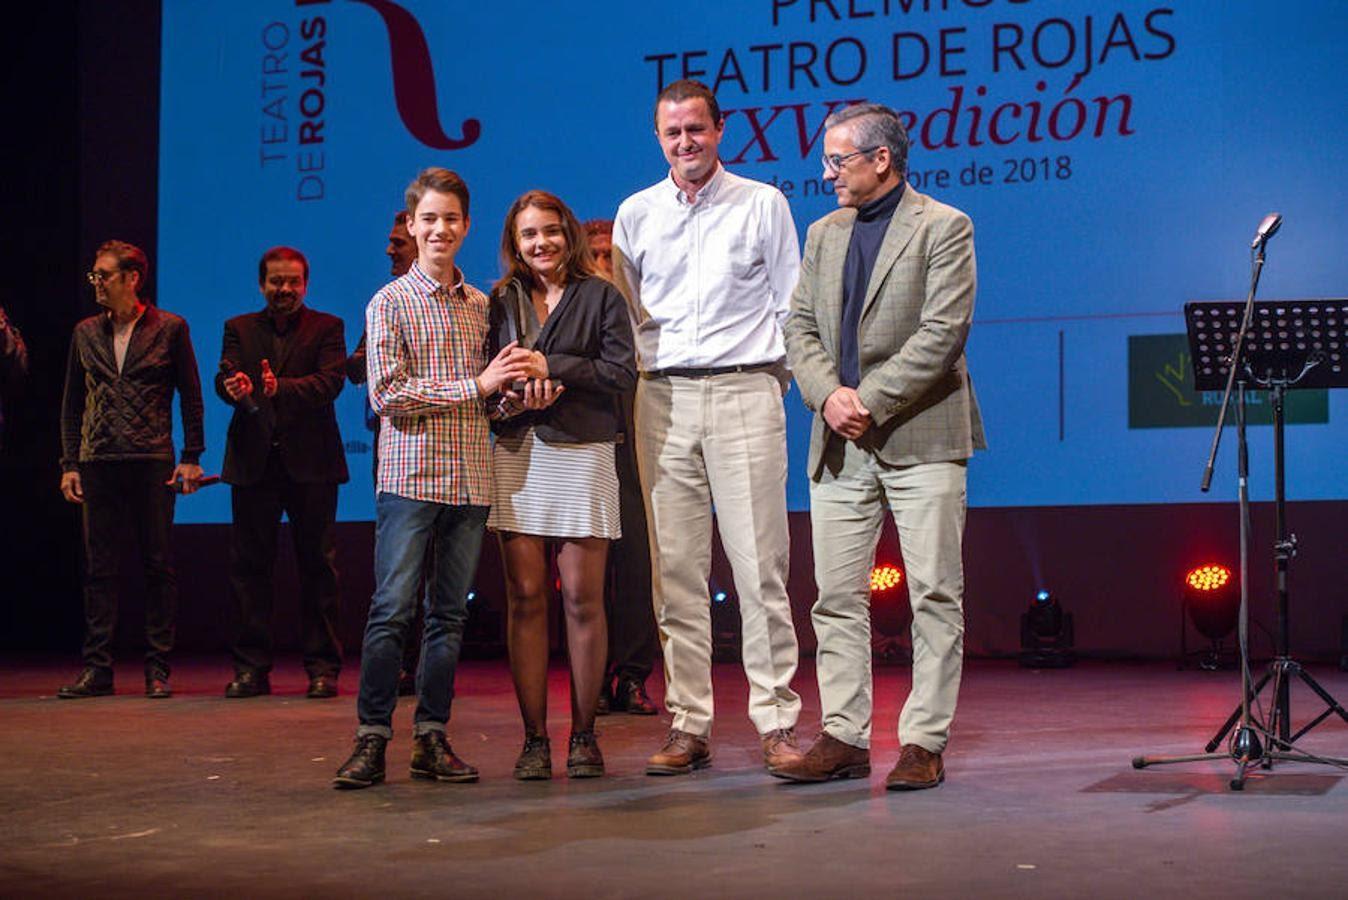 Nos han concedido el Premio Especial Teatro de Rojas 2018